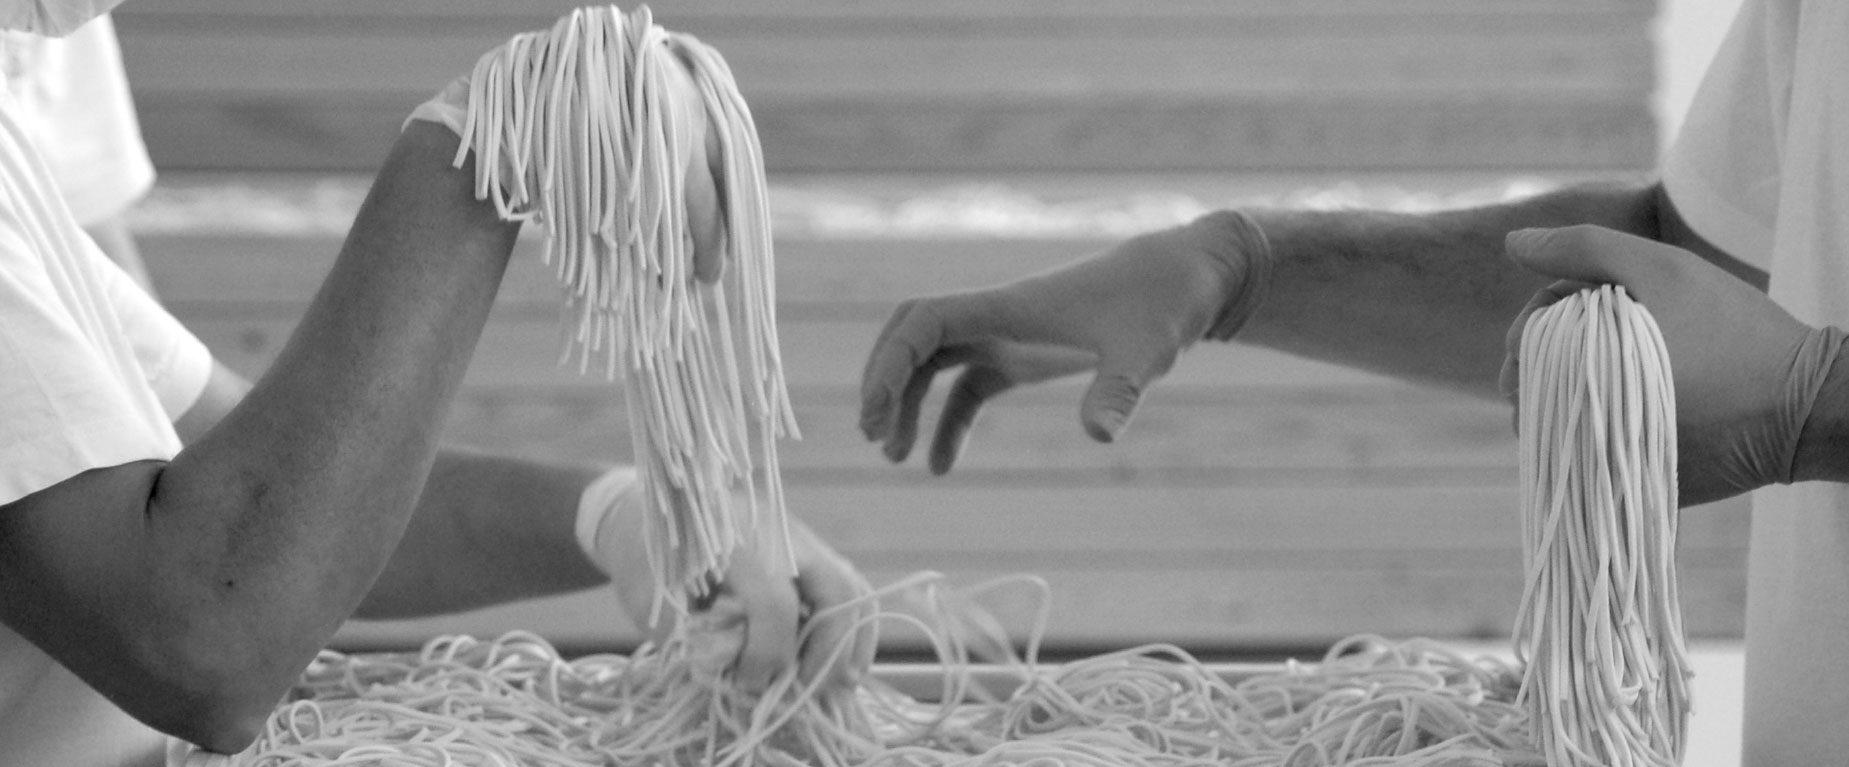 Lavorazione pasta - Geometry of pasta